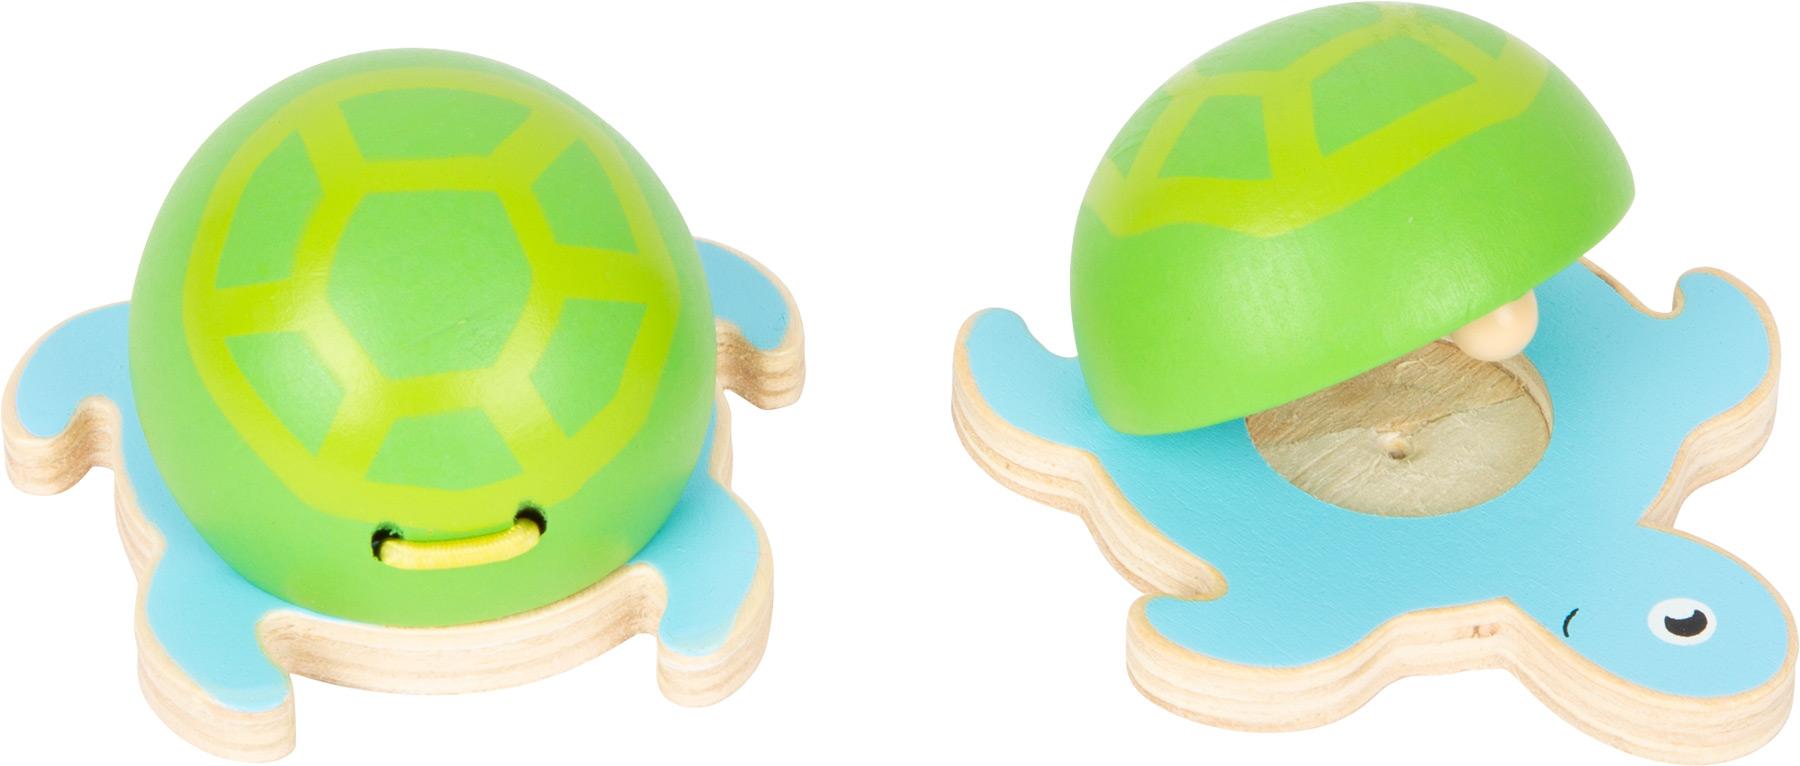 Small foot Kastaněty mořští živočichové modro-zelená želvička 1 ks